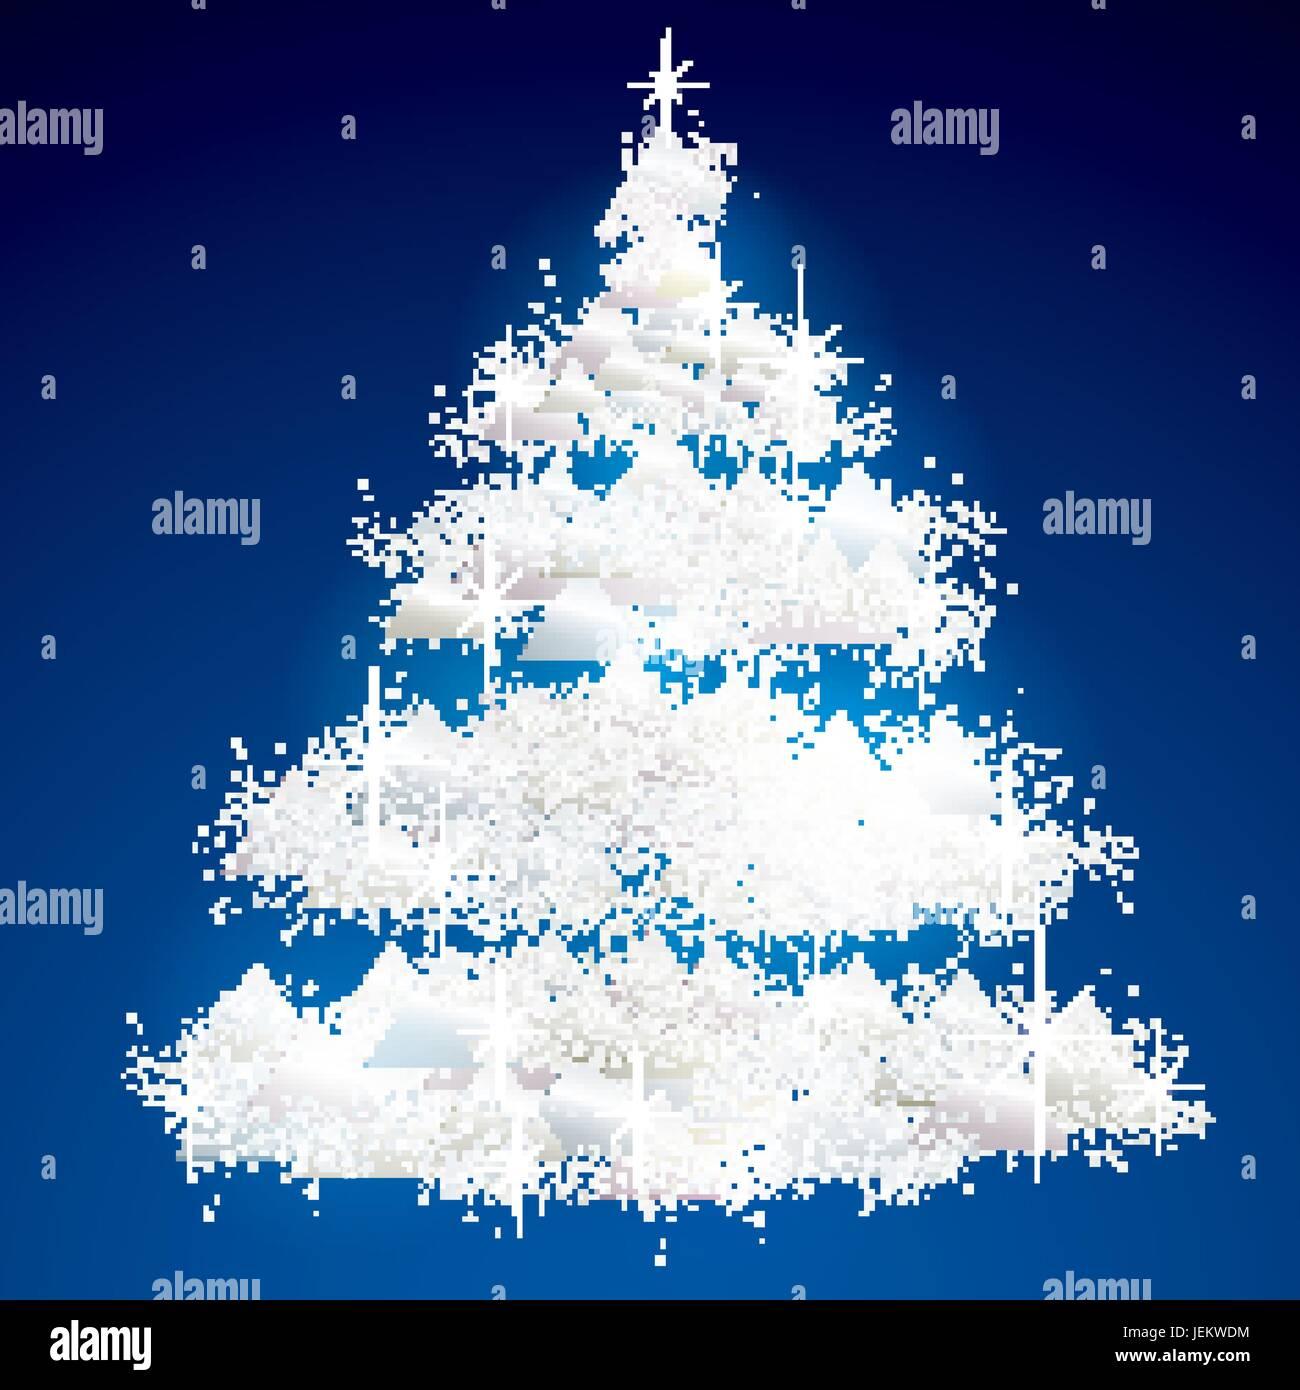 Immagini Di Natale Glitter.Bianco Glitter Albero Di Natale Del Vettore Della Scheda